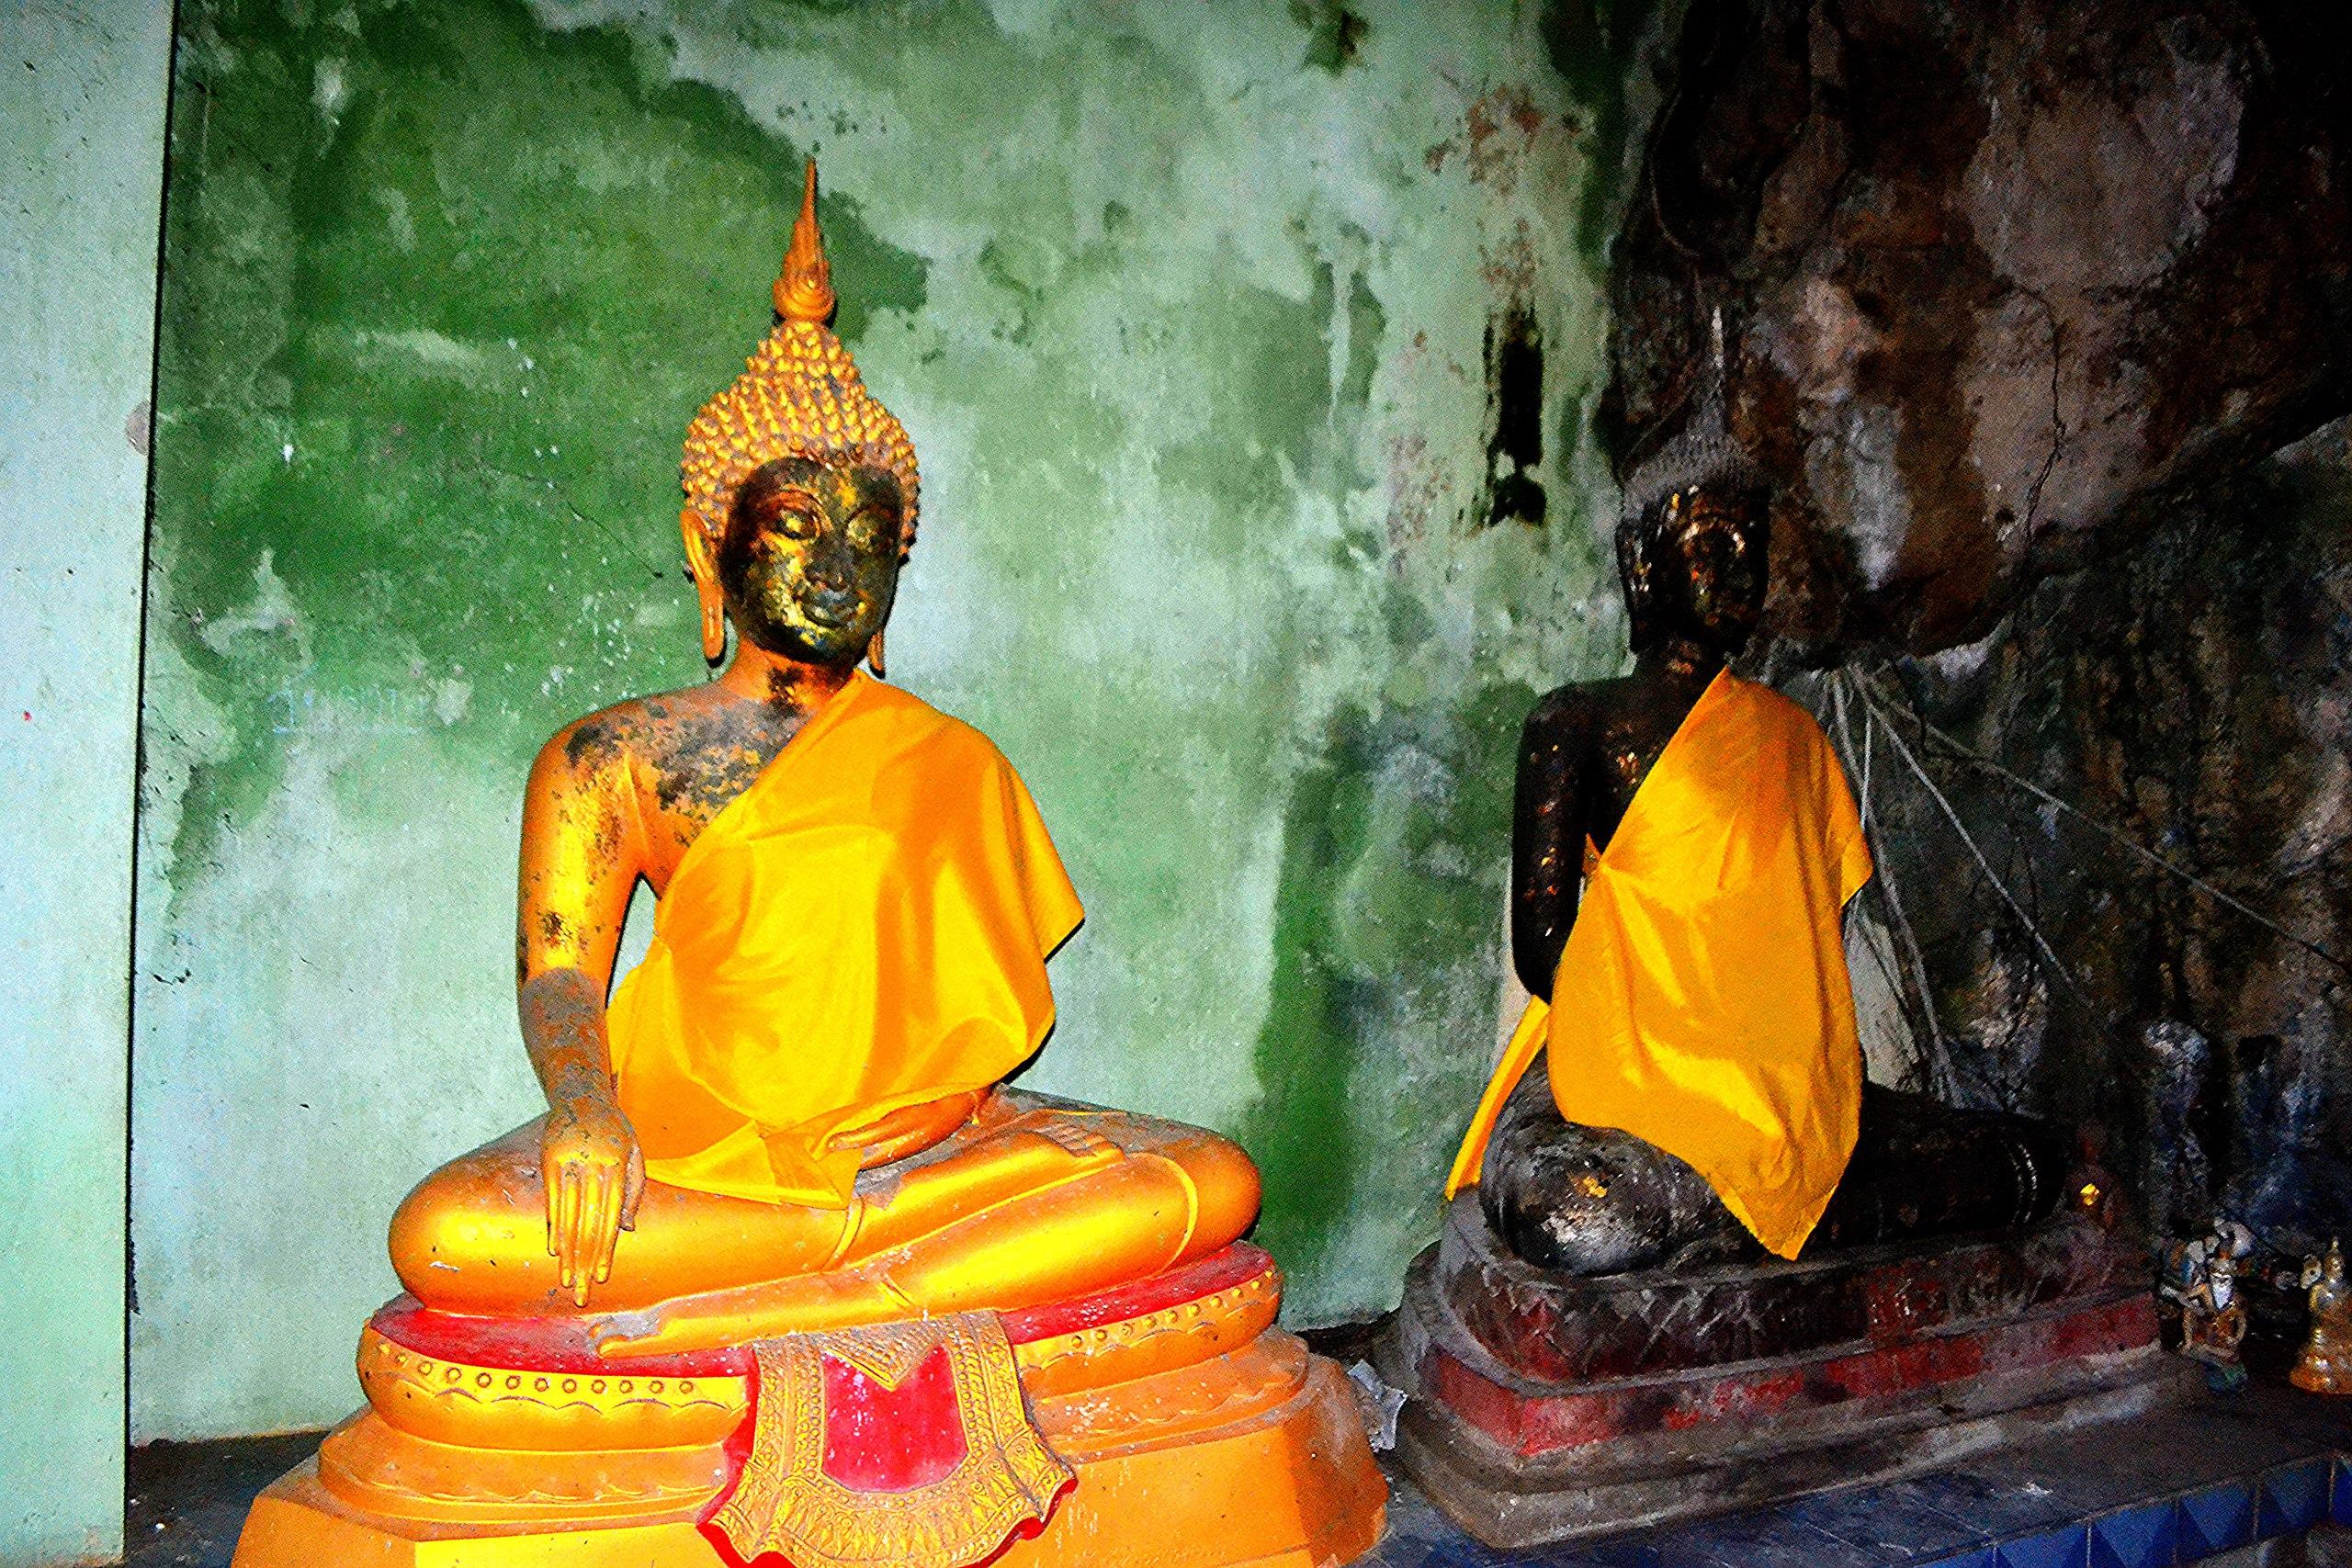 Елена Руденко (Валтея). Таиланд. Таиланд. Paтчaбуpи: Пещера страха, Пещера мышей, Буддийский храм BOgdB6H1UKE